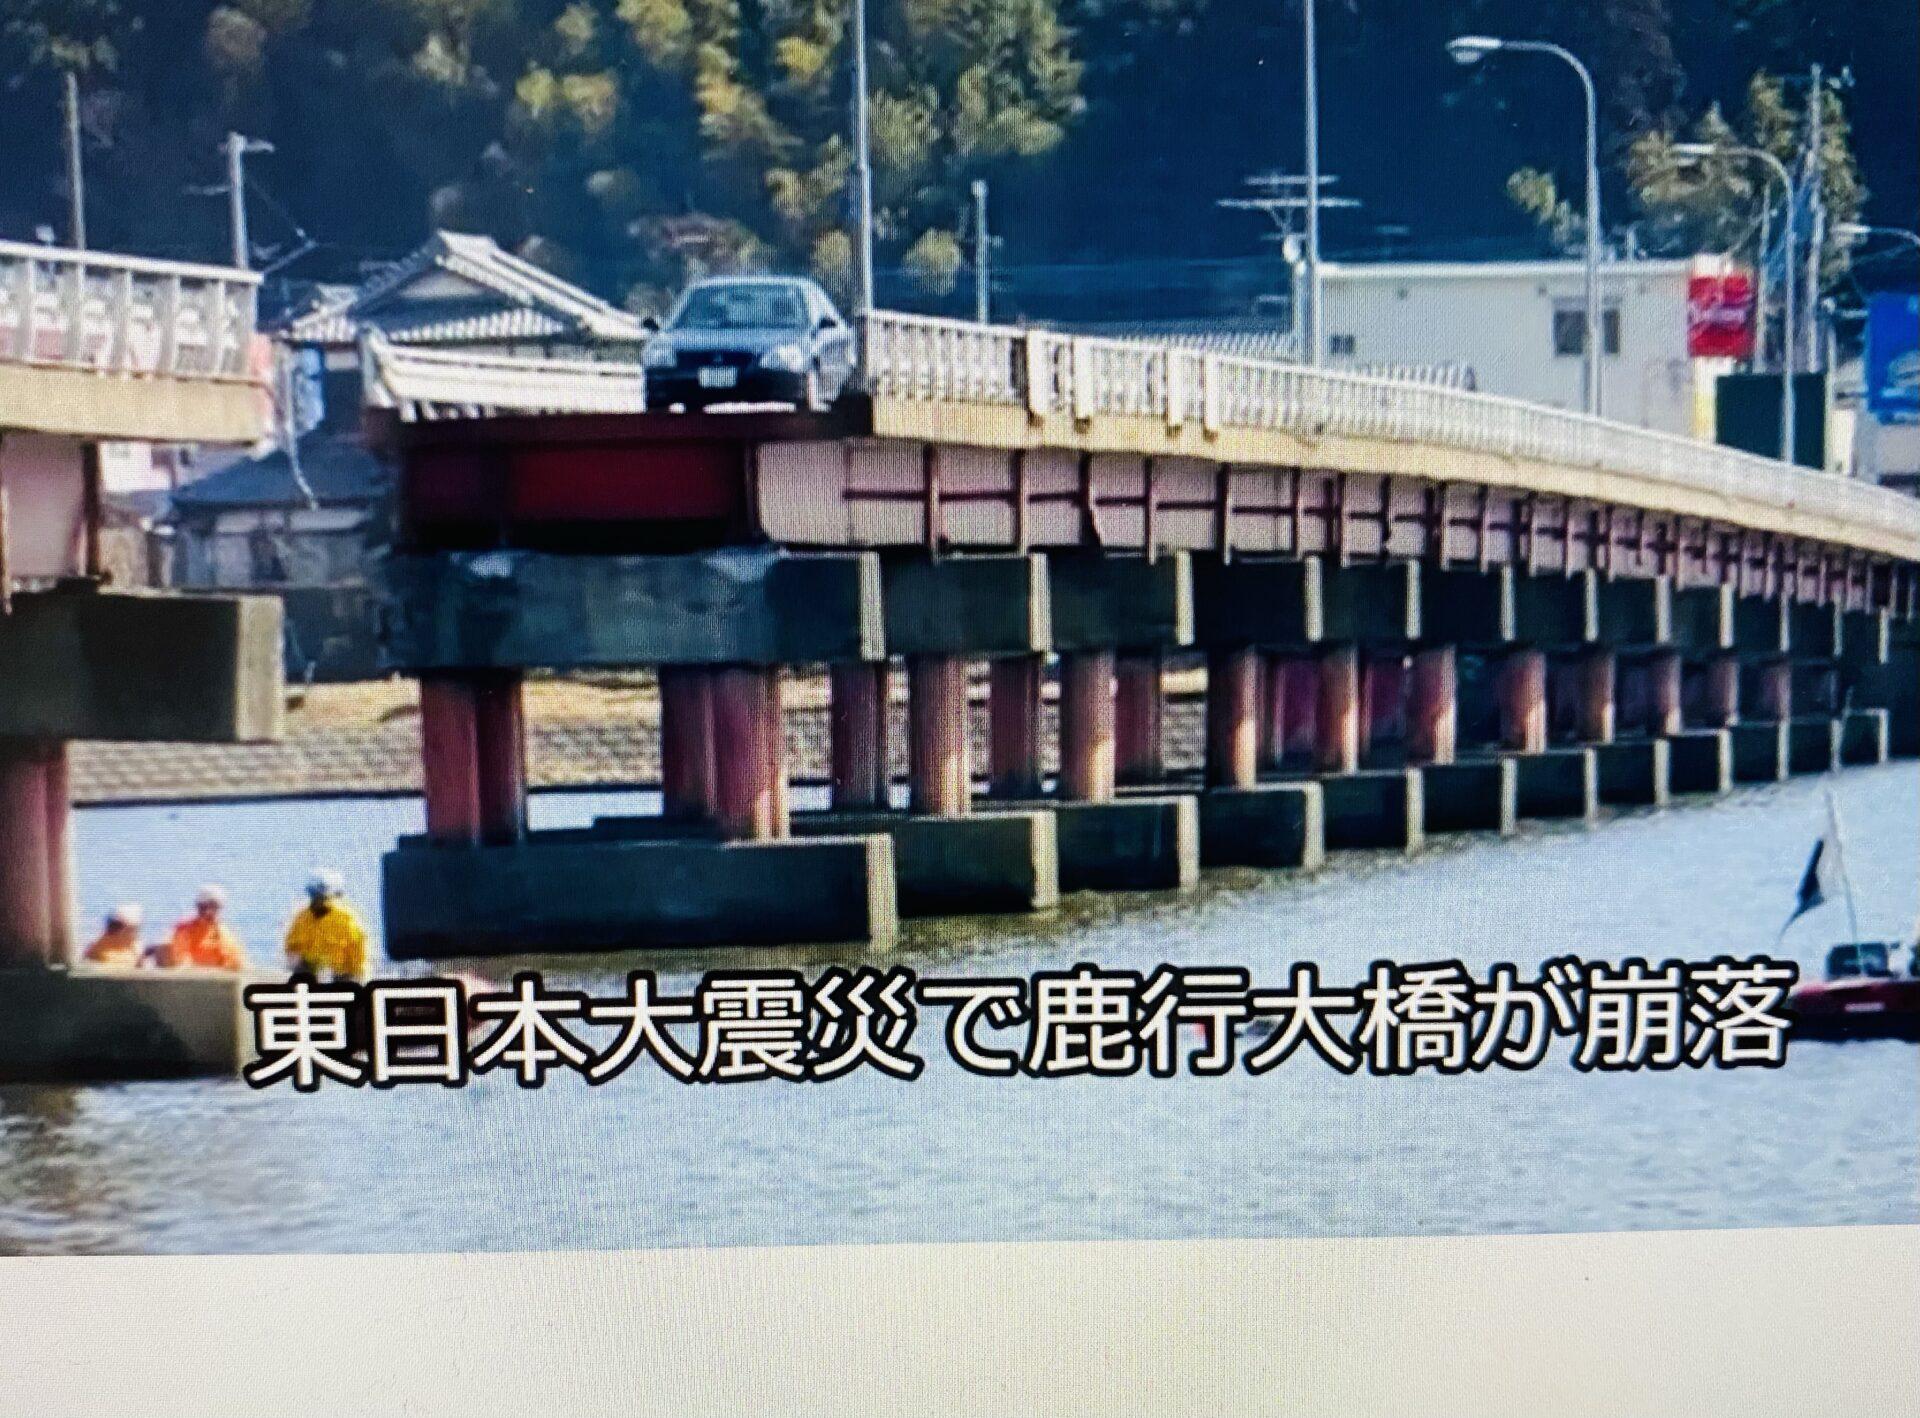 再建した鹿行大橋で街頭活動